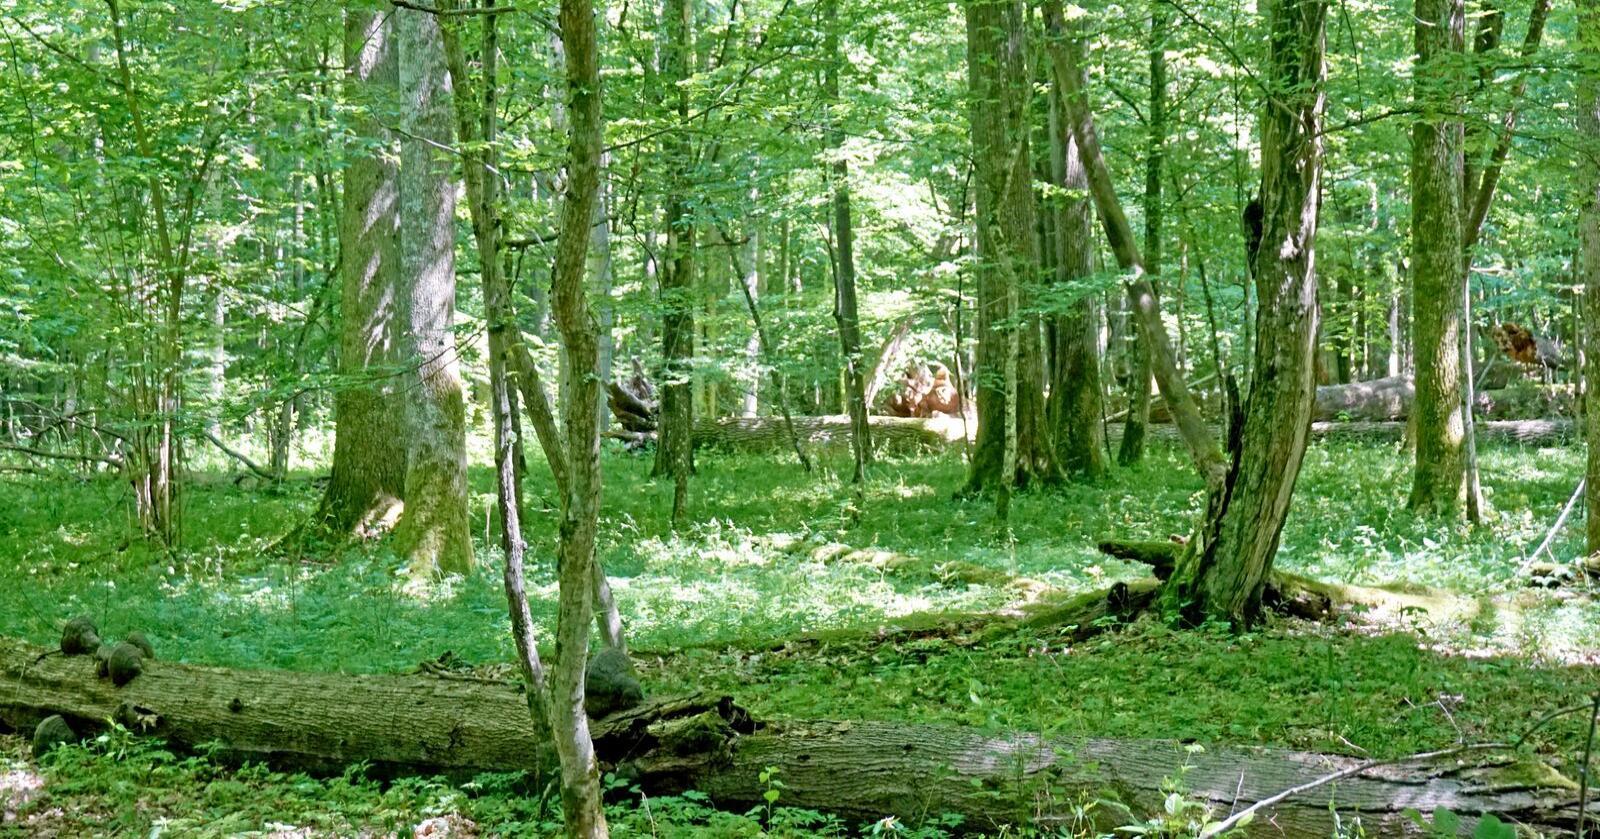 Dekket Europa: Mektige eiker, ask og lindetrær og mer. Frodig edelløvskog dekket en gang store deler av Europa. I dag er utbredelsen kun en brøkdel av det den en gang var. Foto: Björn Nordén / NINA